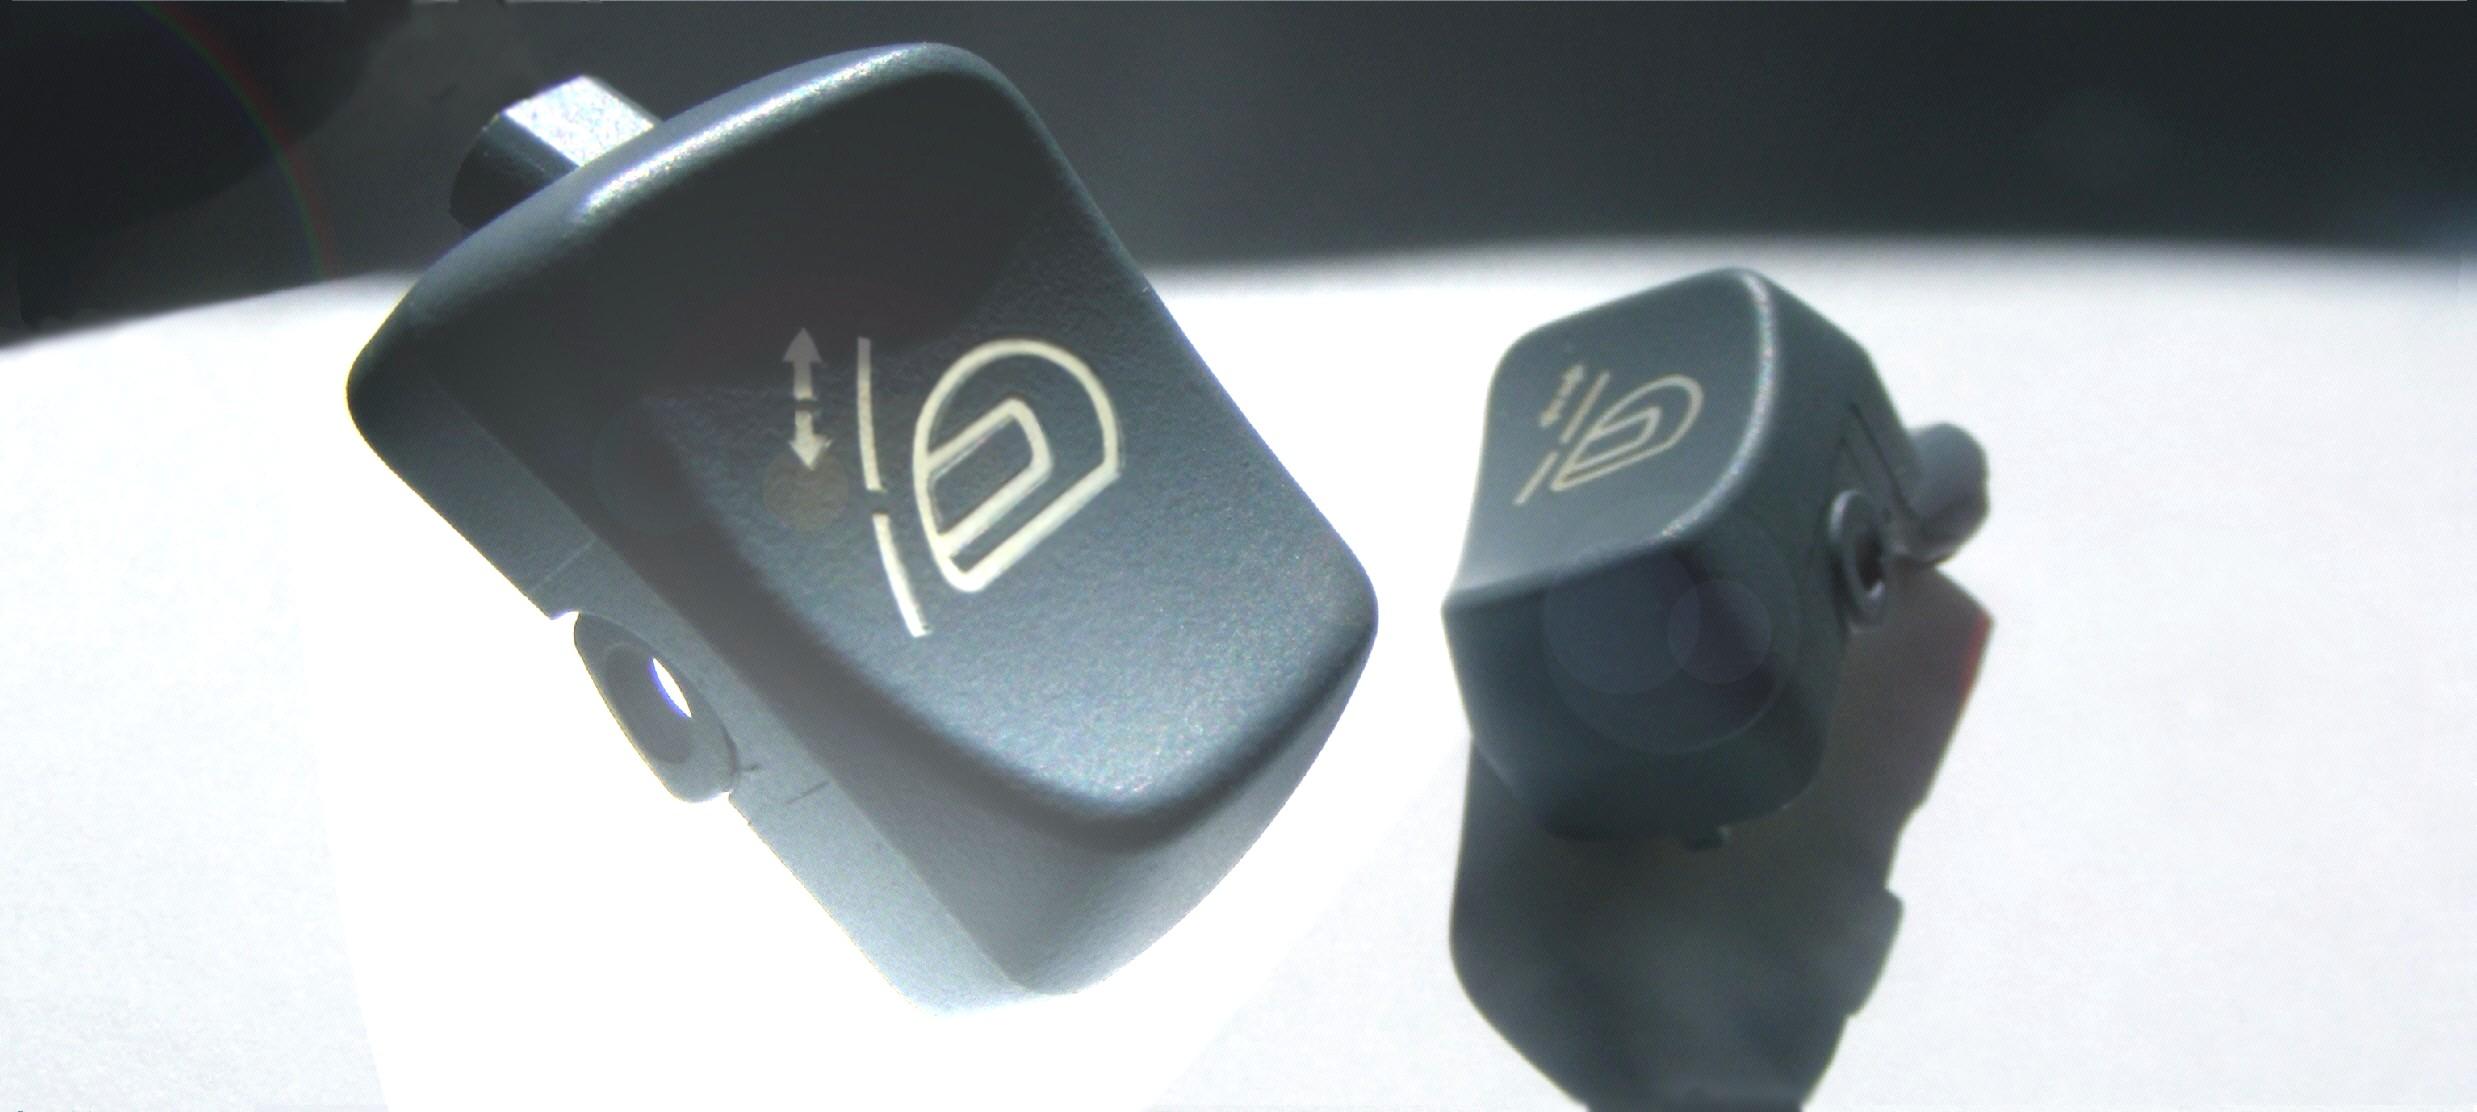 Lackierte Kunststoffteile laserbeschriftun